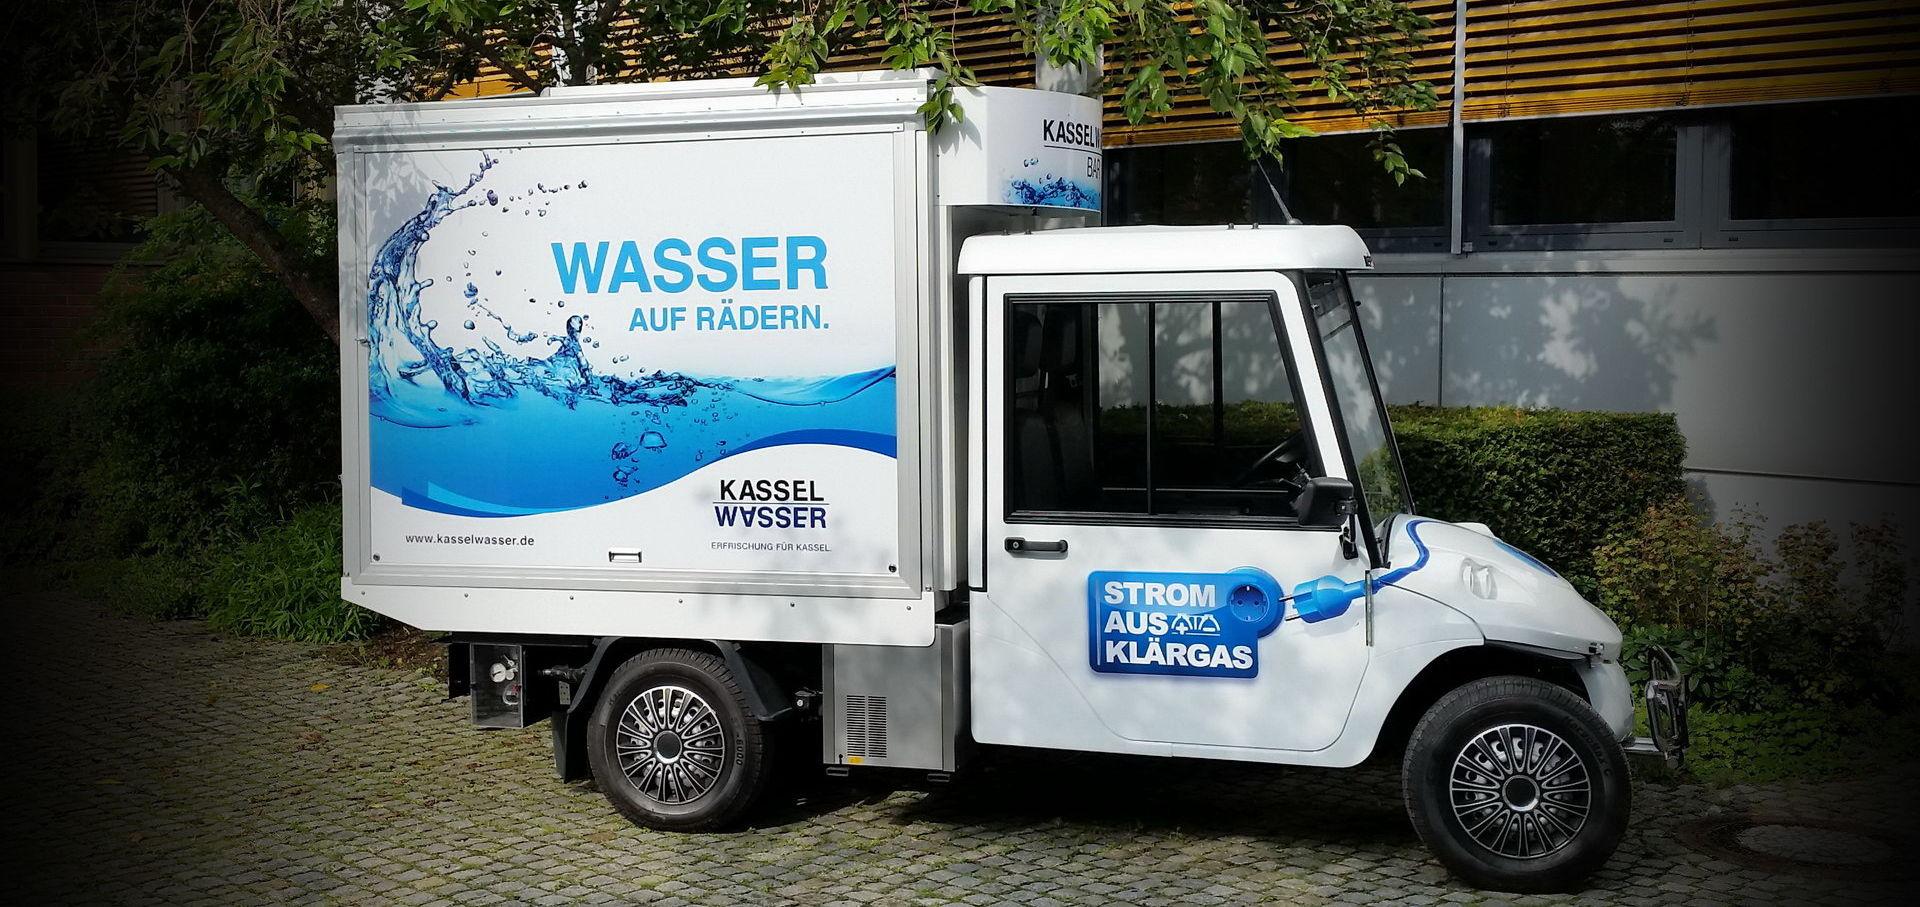 Melex Elektromobil mit Wasserbar von Kassel Wasser